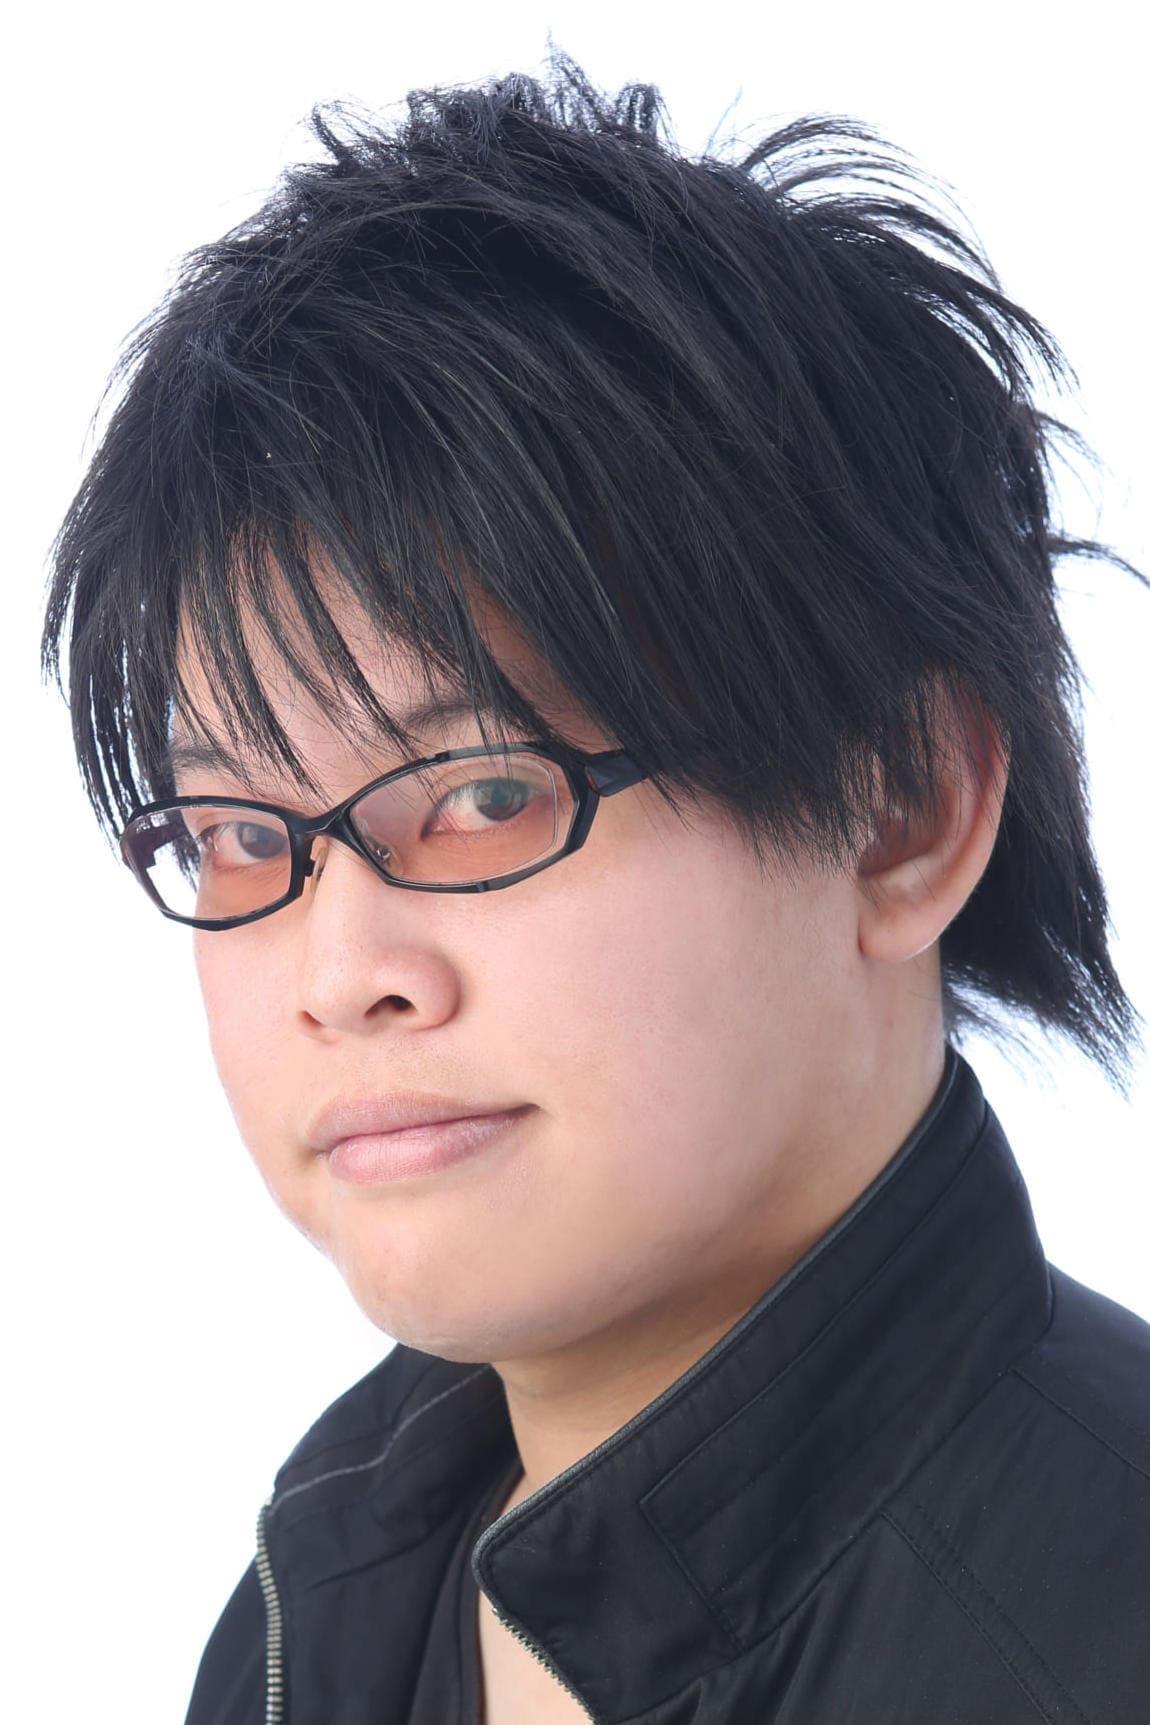 Masashi Yamane